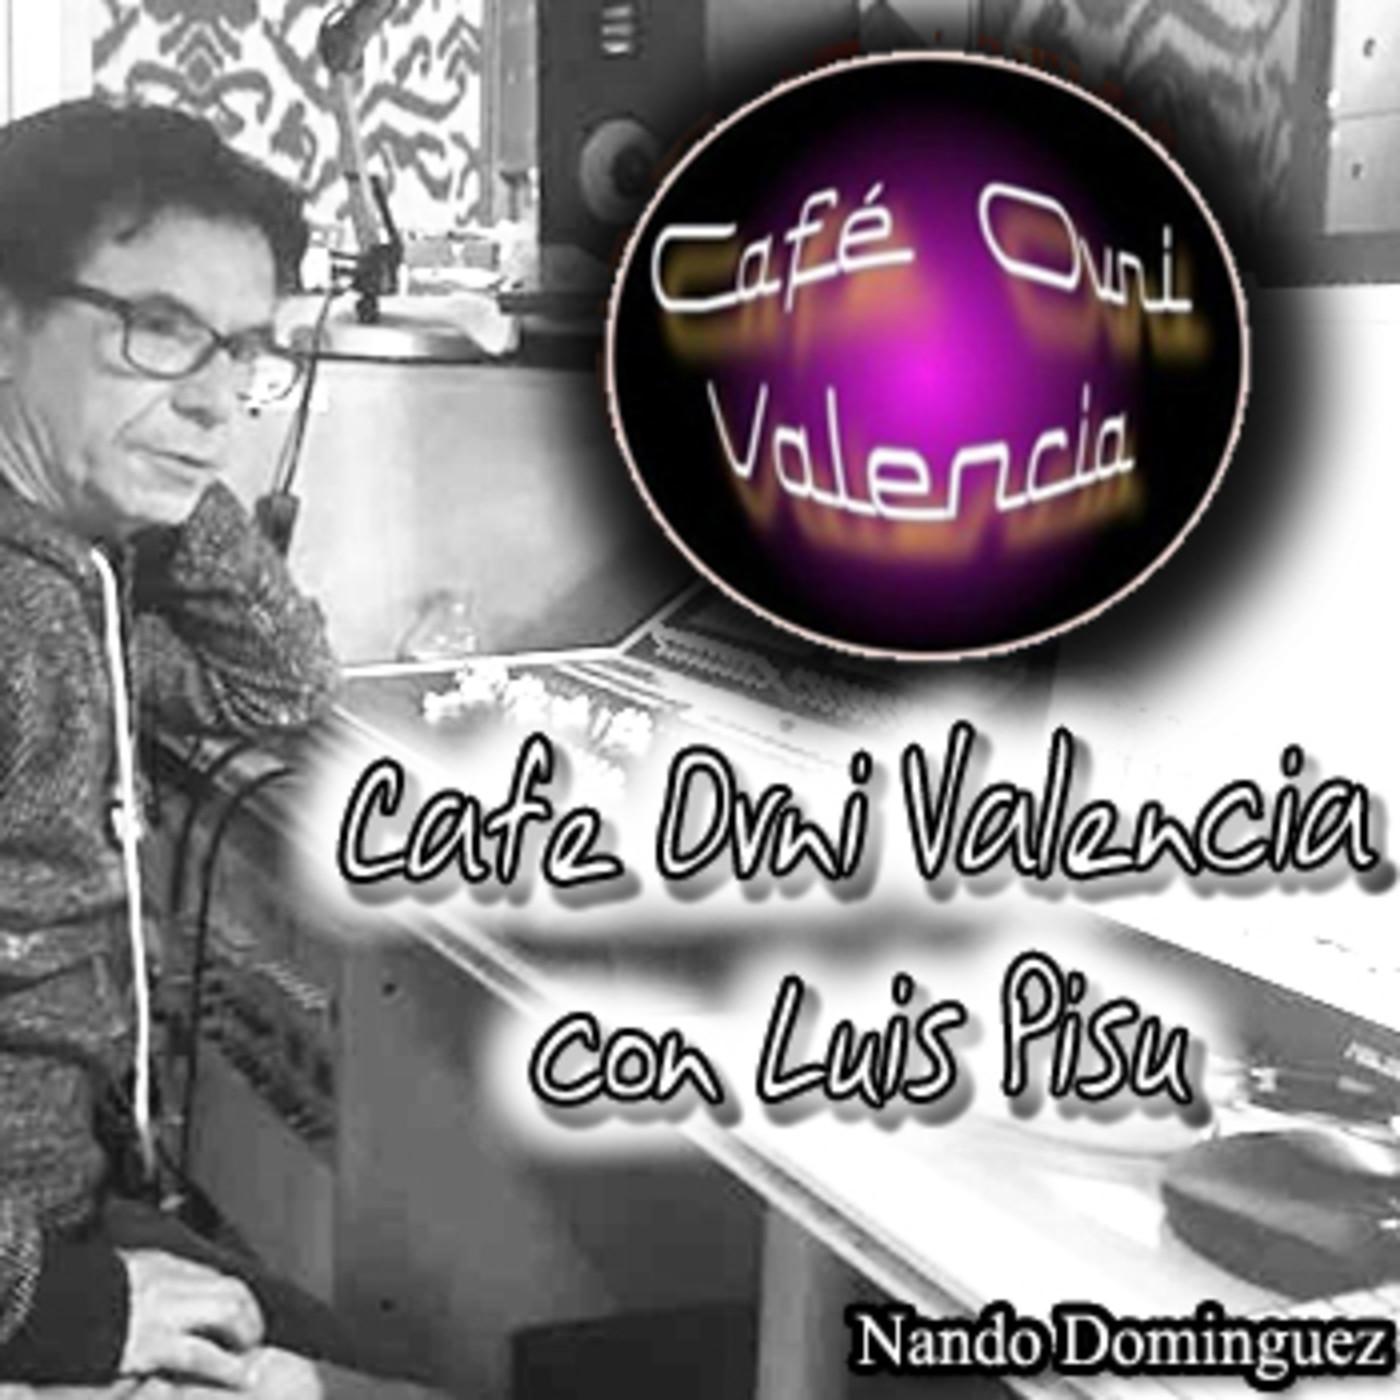 La Puerta Al Universo - Cafe Ovni Valencia con su director Luis Pisu